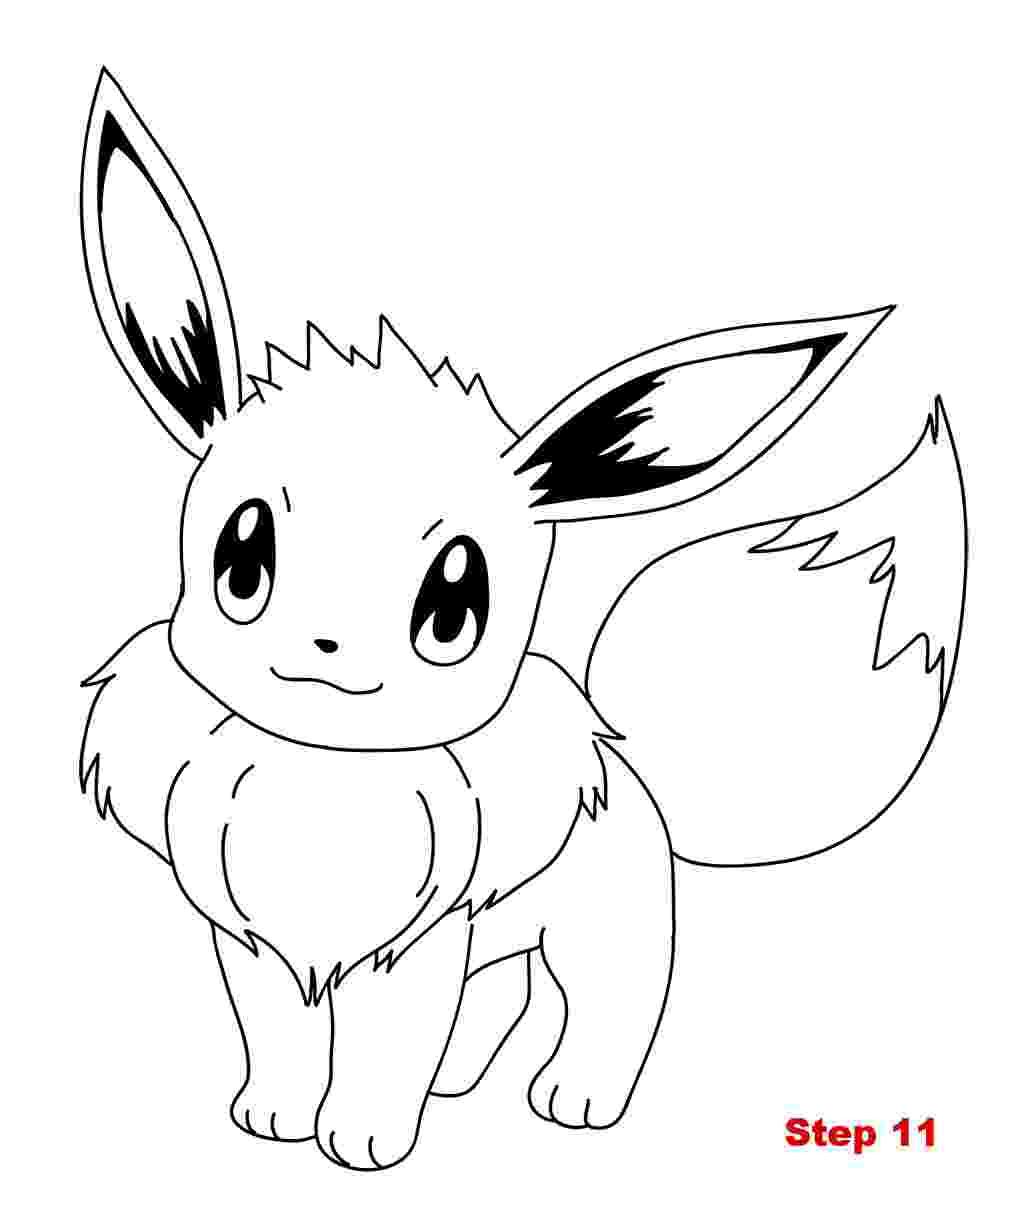 eevee printable coloring pages eevee pokemon coloring pages getcoloringpagescom pages coloring printable eevee